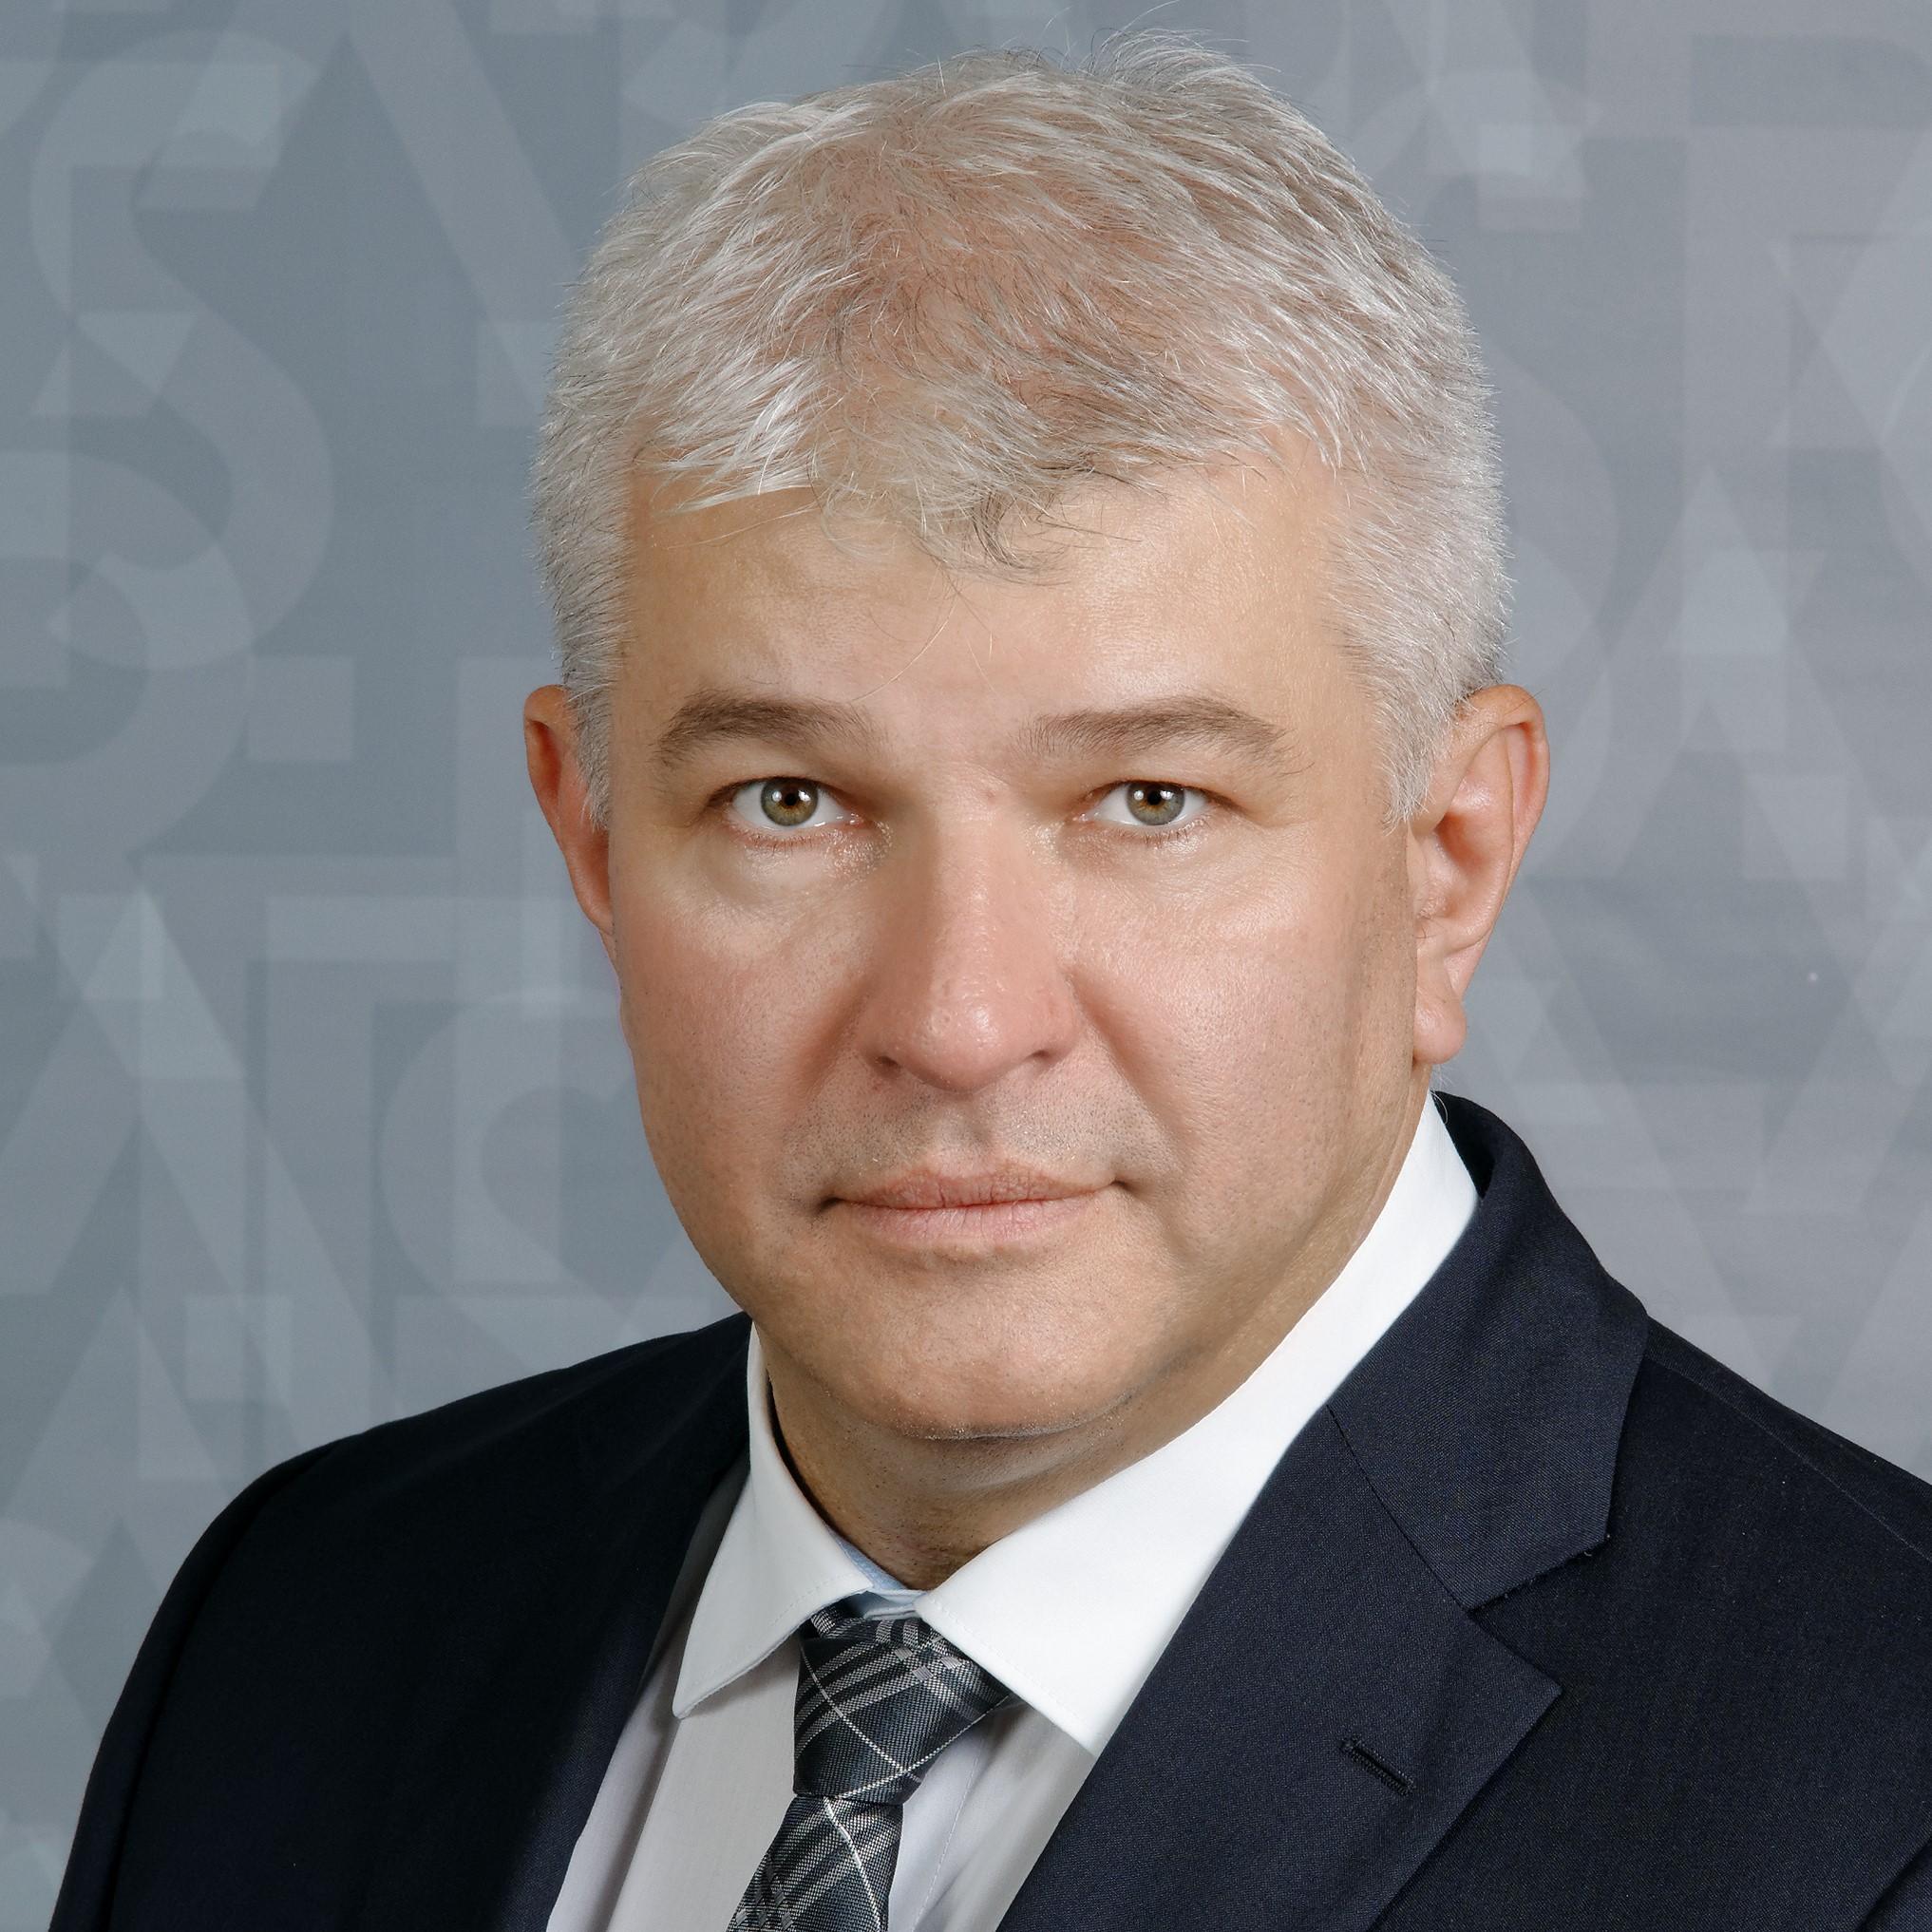 Zoltán Lencse